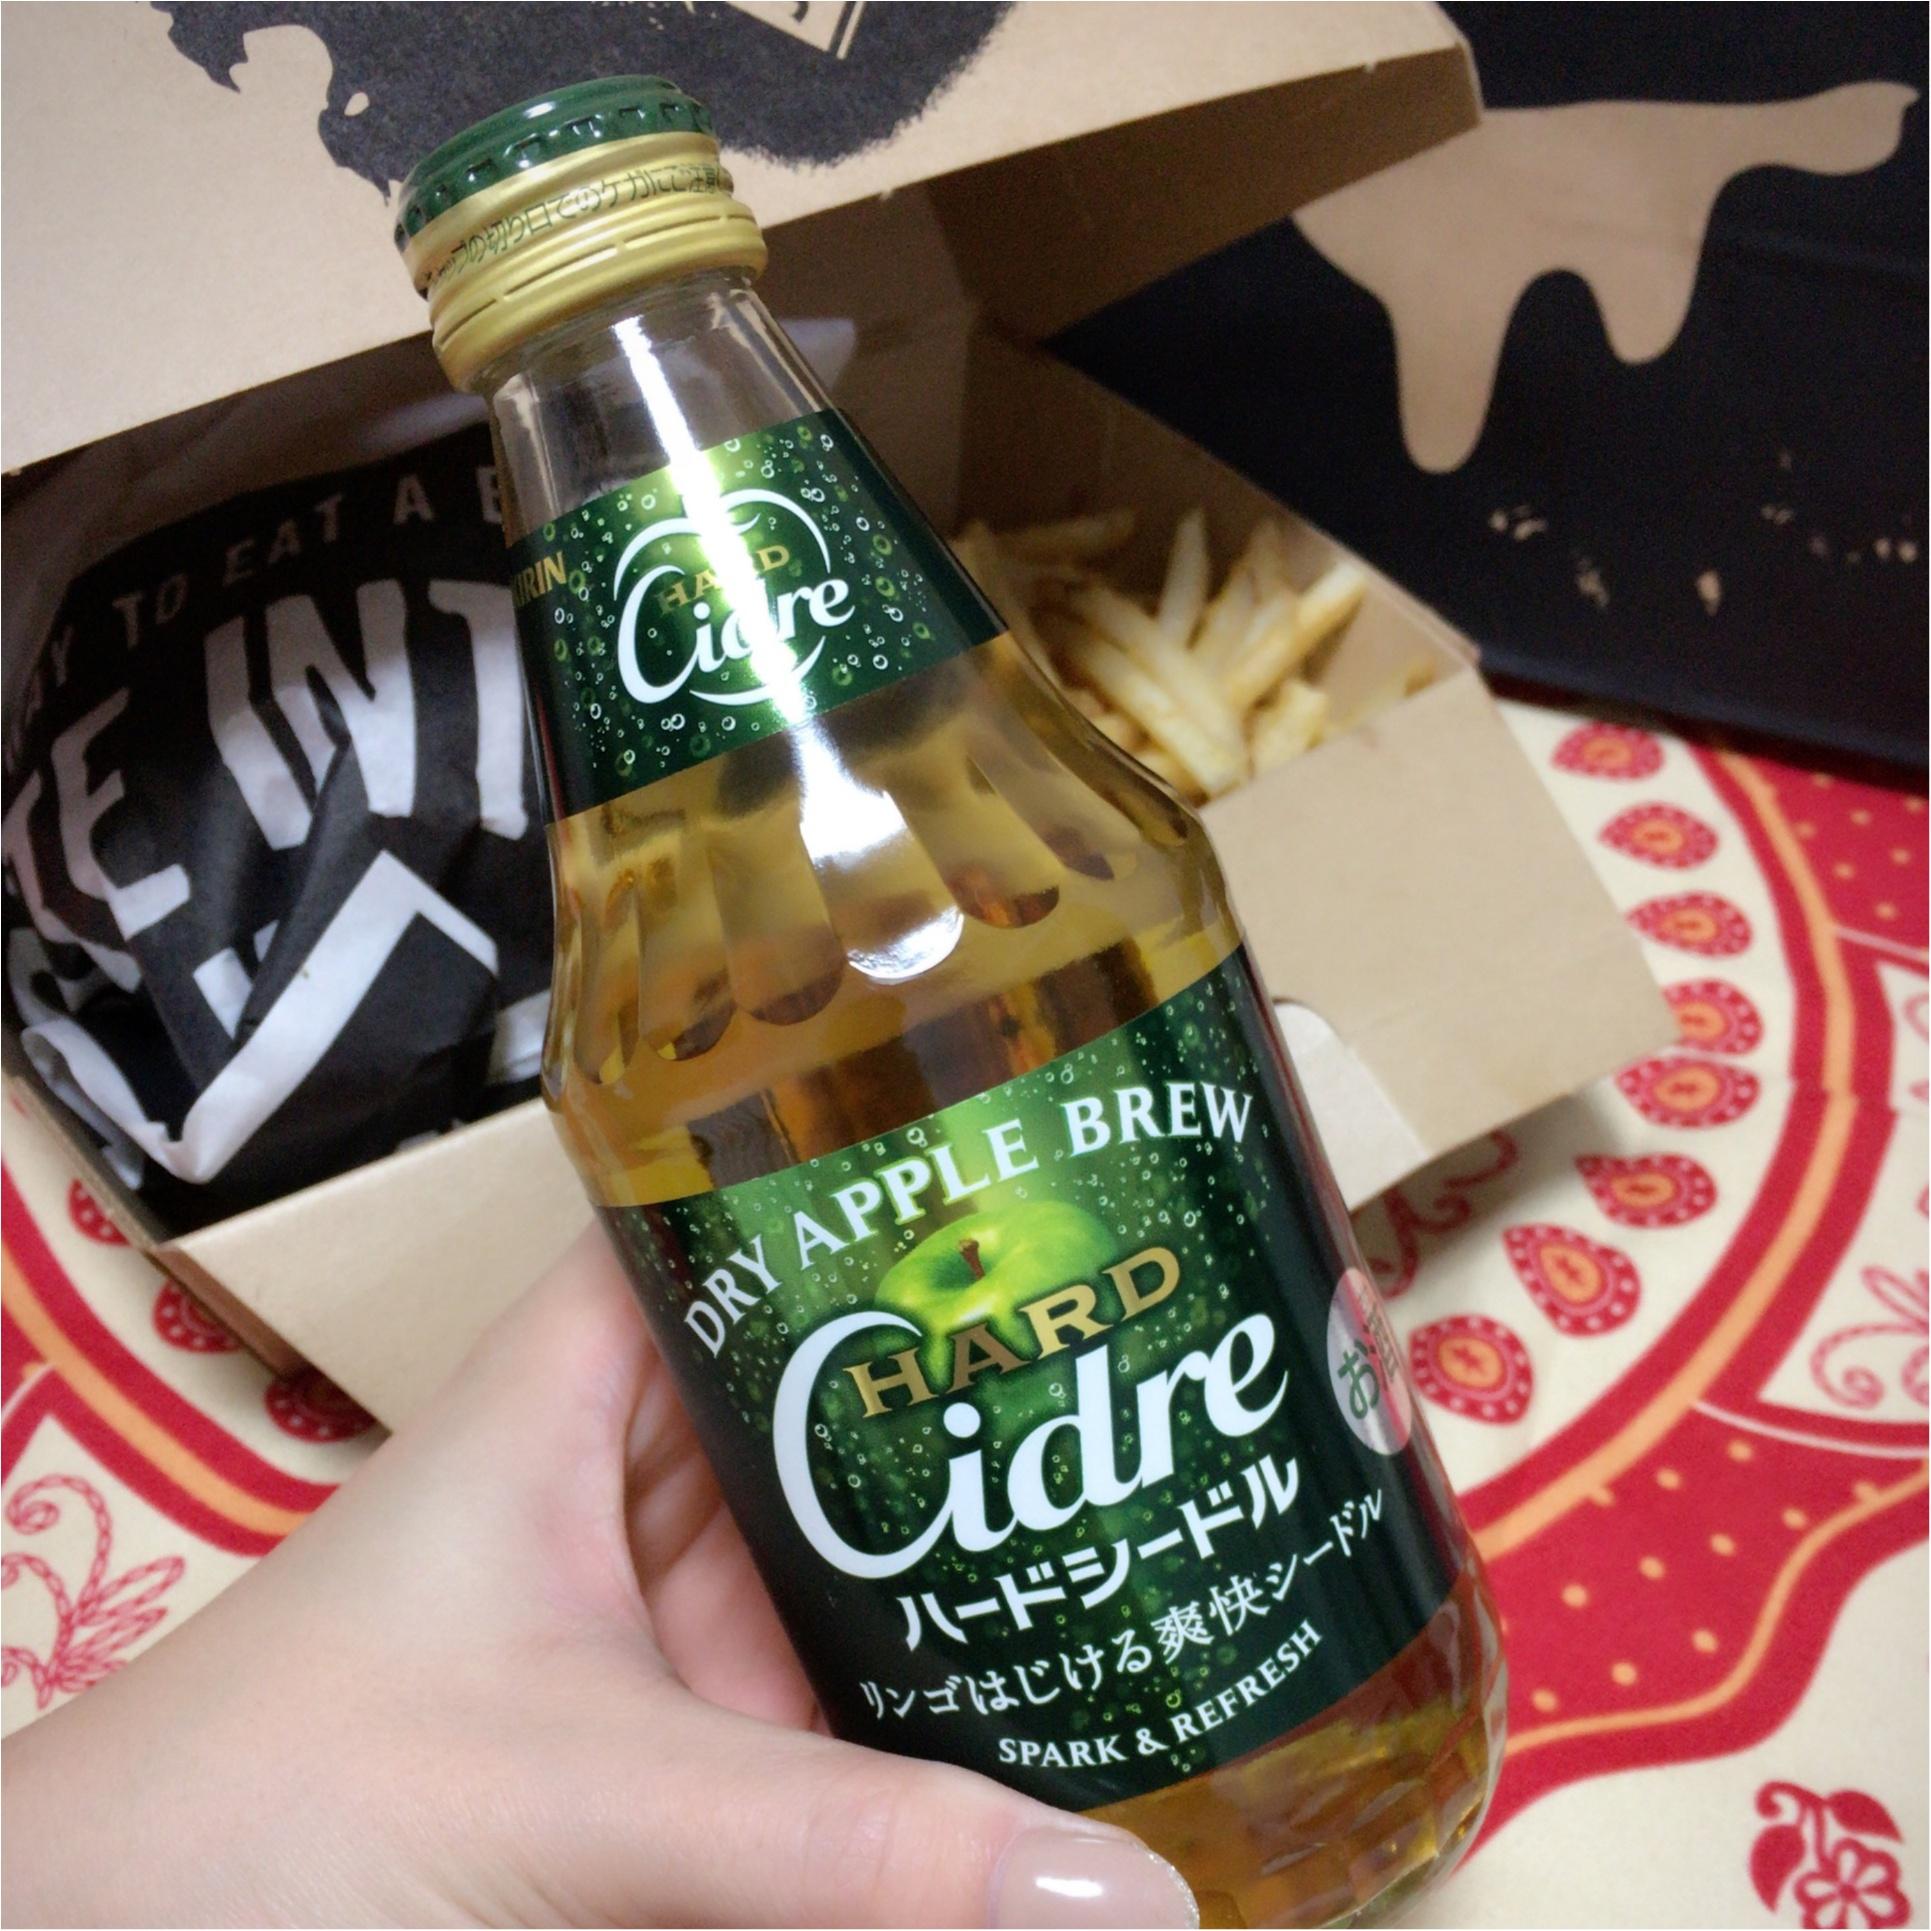 【モアハピ部大女子会】おみやげでいただいたHARD Cidreをテイスティング!〇〇を醸造した爽やかなお酒♡_1